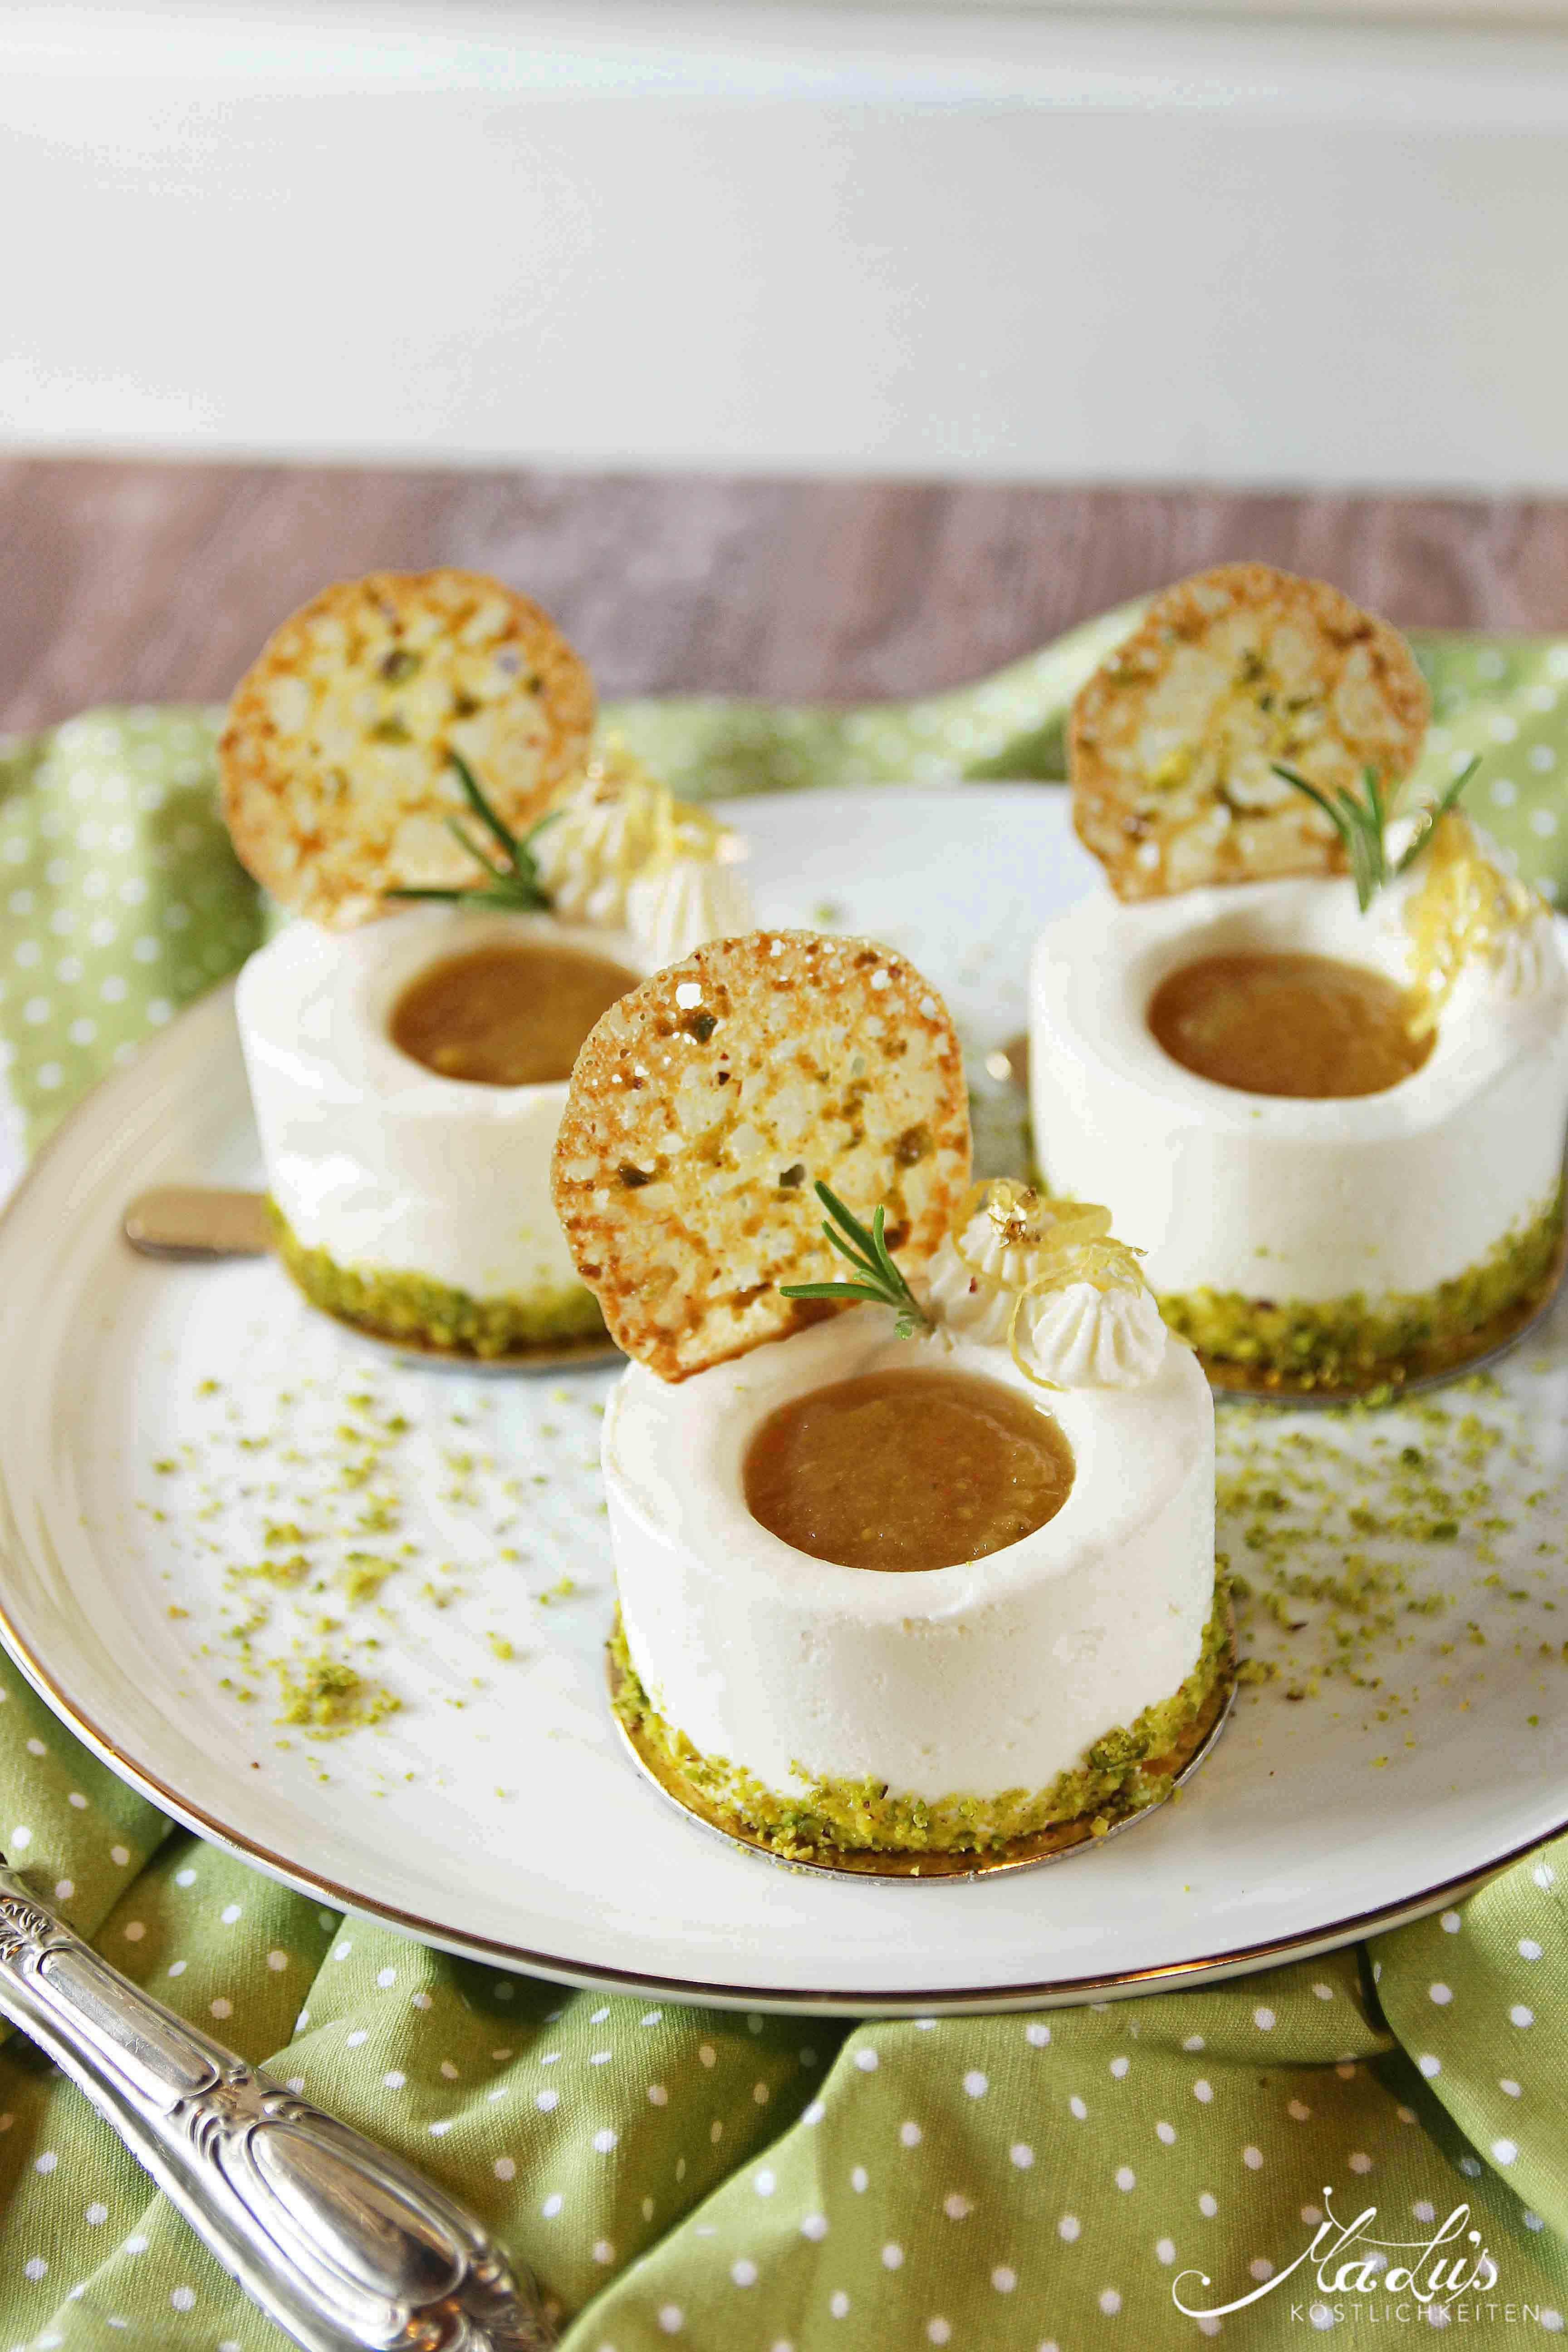 Zitronentörtchen mit zarten Pistazienknusperblättern